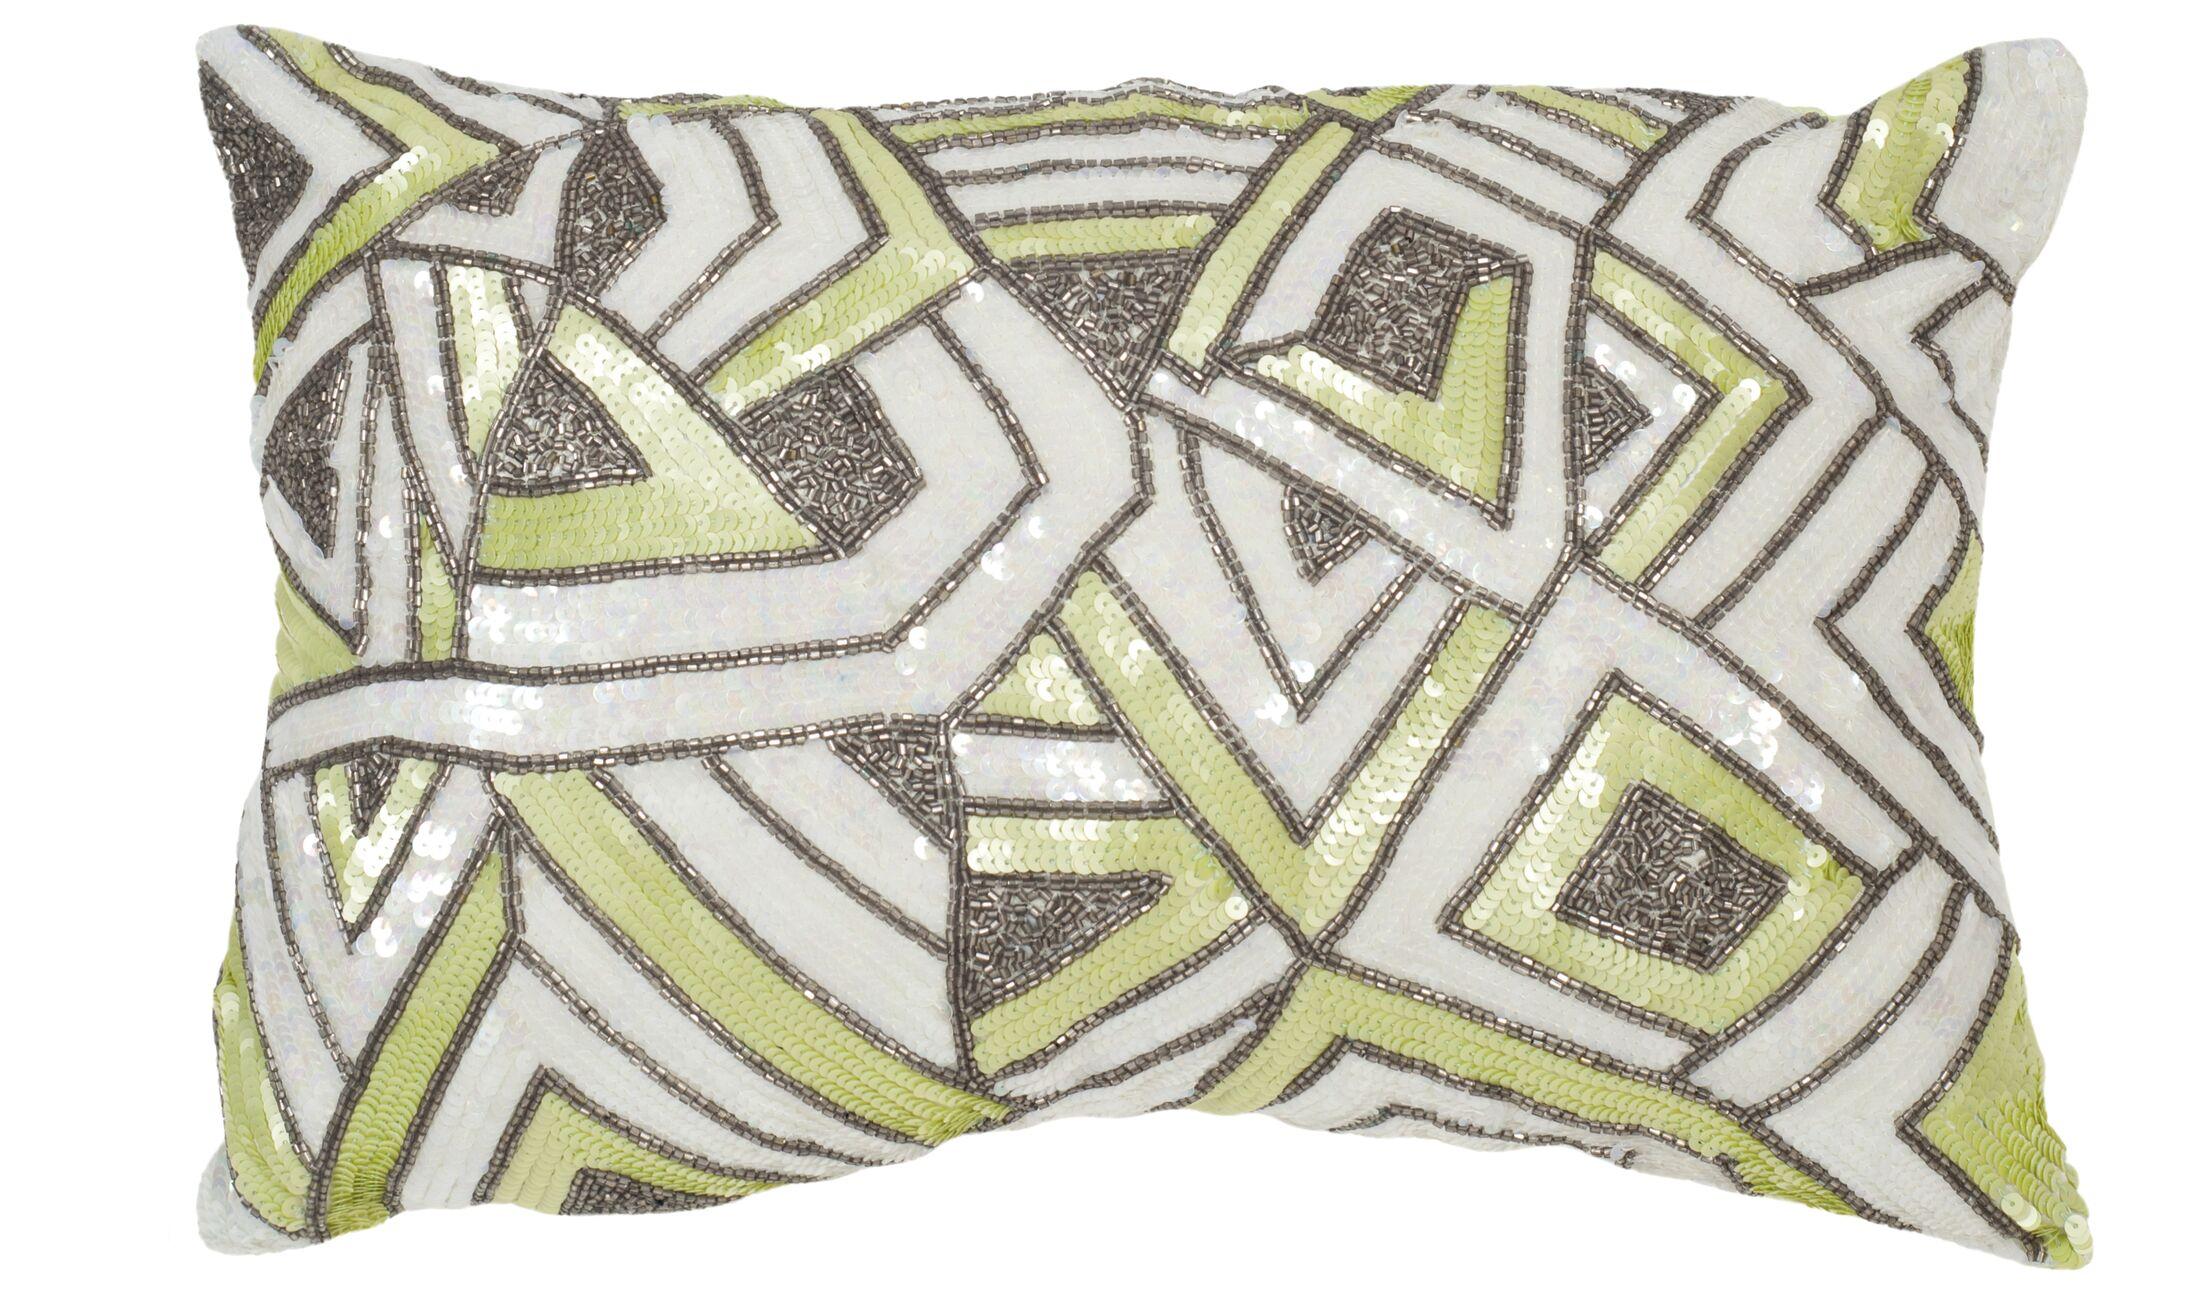 Strayer Lumbar Pillow Color: Macaron Green